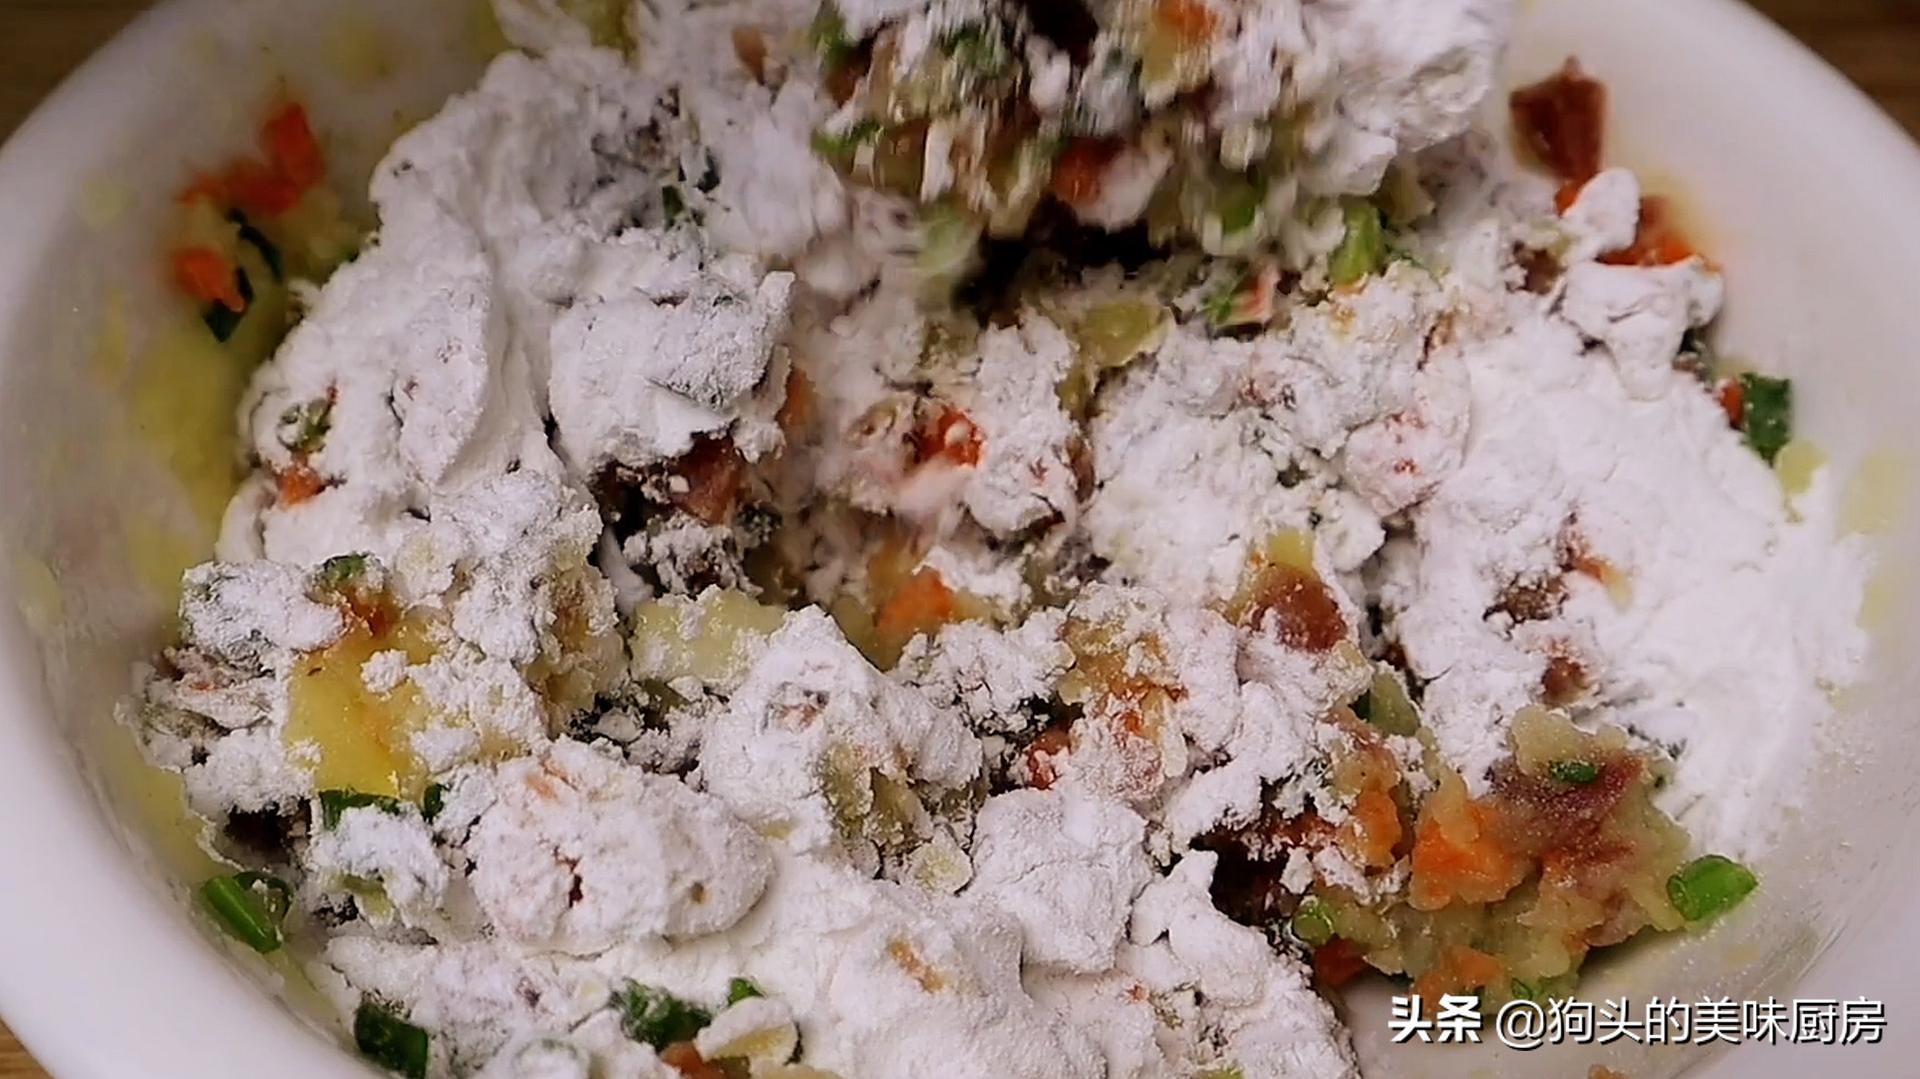 最近土豆很火的做法,不加面粉不加水,咬一口满嘴都是香,真解馋 美食做法 第9张